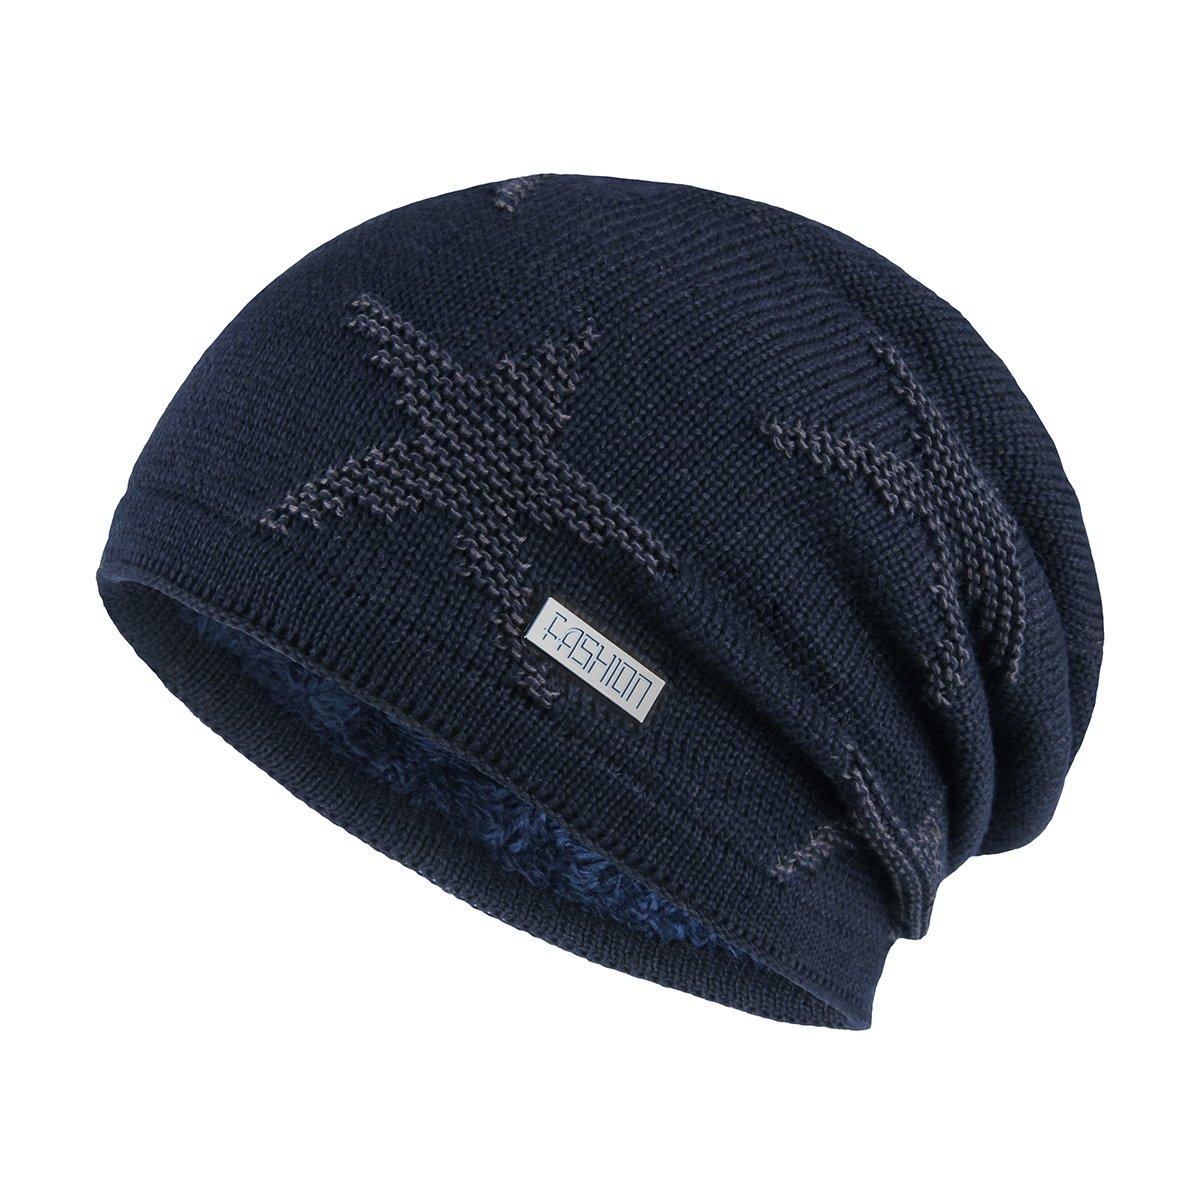 OMECHY HAT レディース メンズ  ネイビー B076MNP1RR